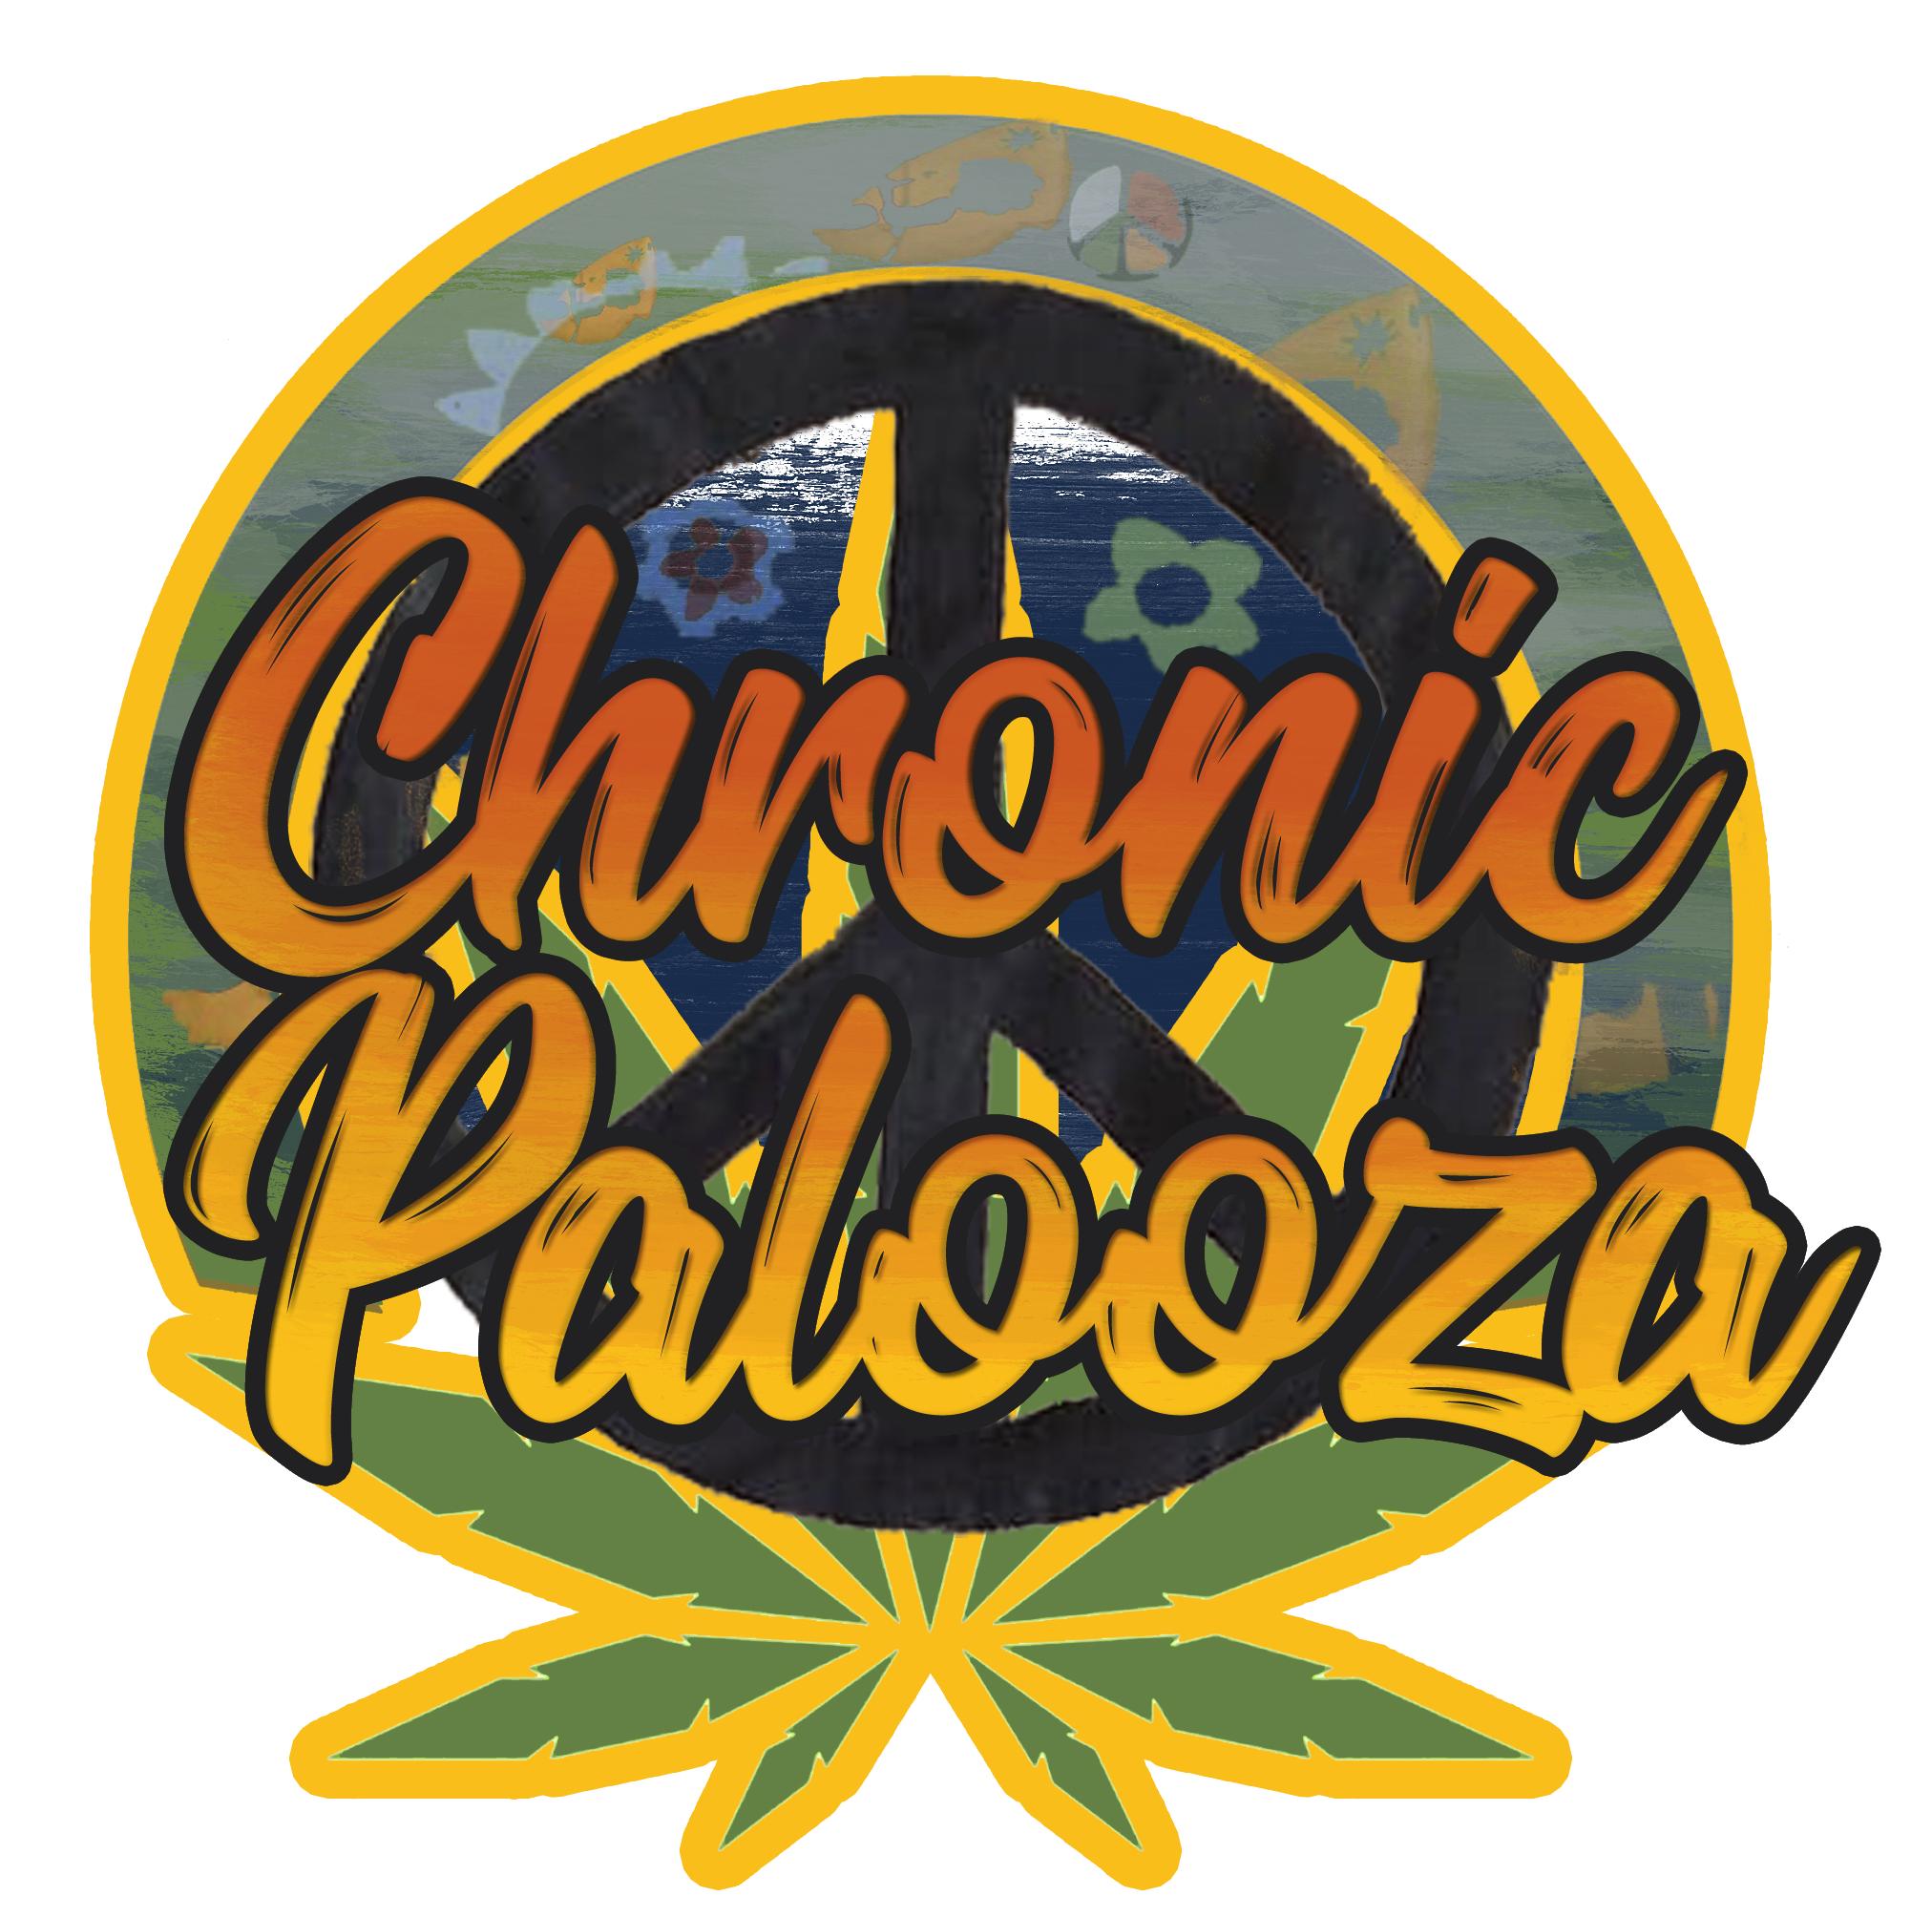 Chronic Palooza